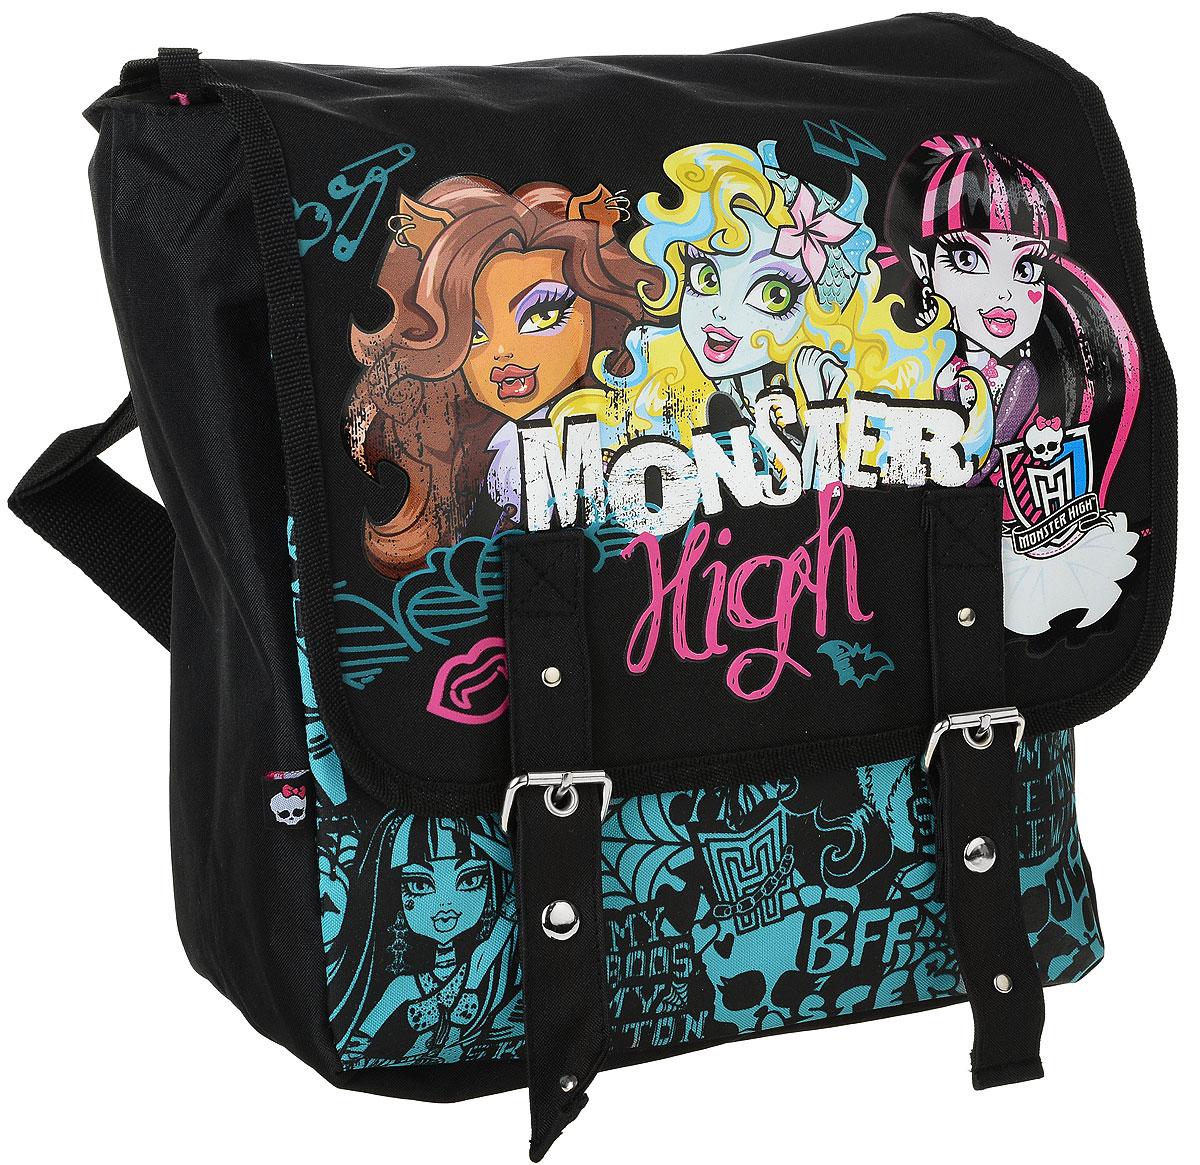 Рюкзак Размер 30 х 28 х 12 см. Monster HighNRk_00626Этот рюкзак изготовлен из износостойкой легкомоющейся ткани. Сверху рюкзак застегивается на застежку молния, а затем закрывается клапаном на двух магнитных застежках. Внутри рюкзака имеется два маленьких кармашка, а также еще один карман на молнии.Плечевые лямки рюкзака Monster High Pink регулируются по длине. Кроме того у рюкзака имеется дополнительная ручка для ношения его в руке.Если Вы ищите подарок девочке, можете быть уверенными, рюкзак Monster High Night непременно придется ей по вкусу!